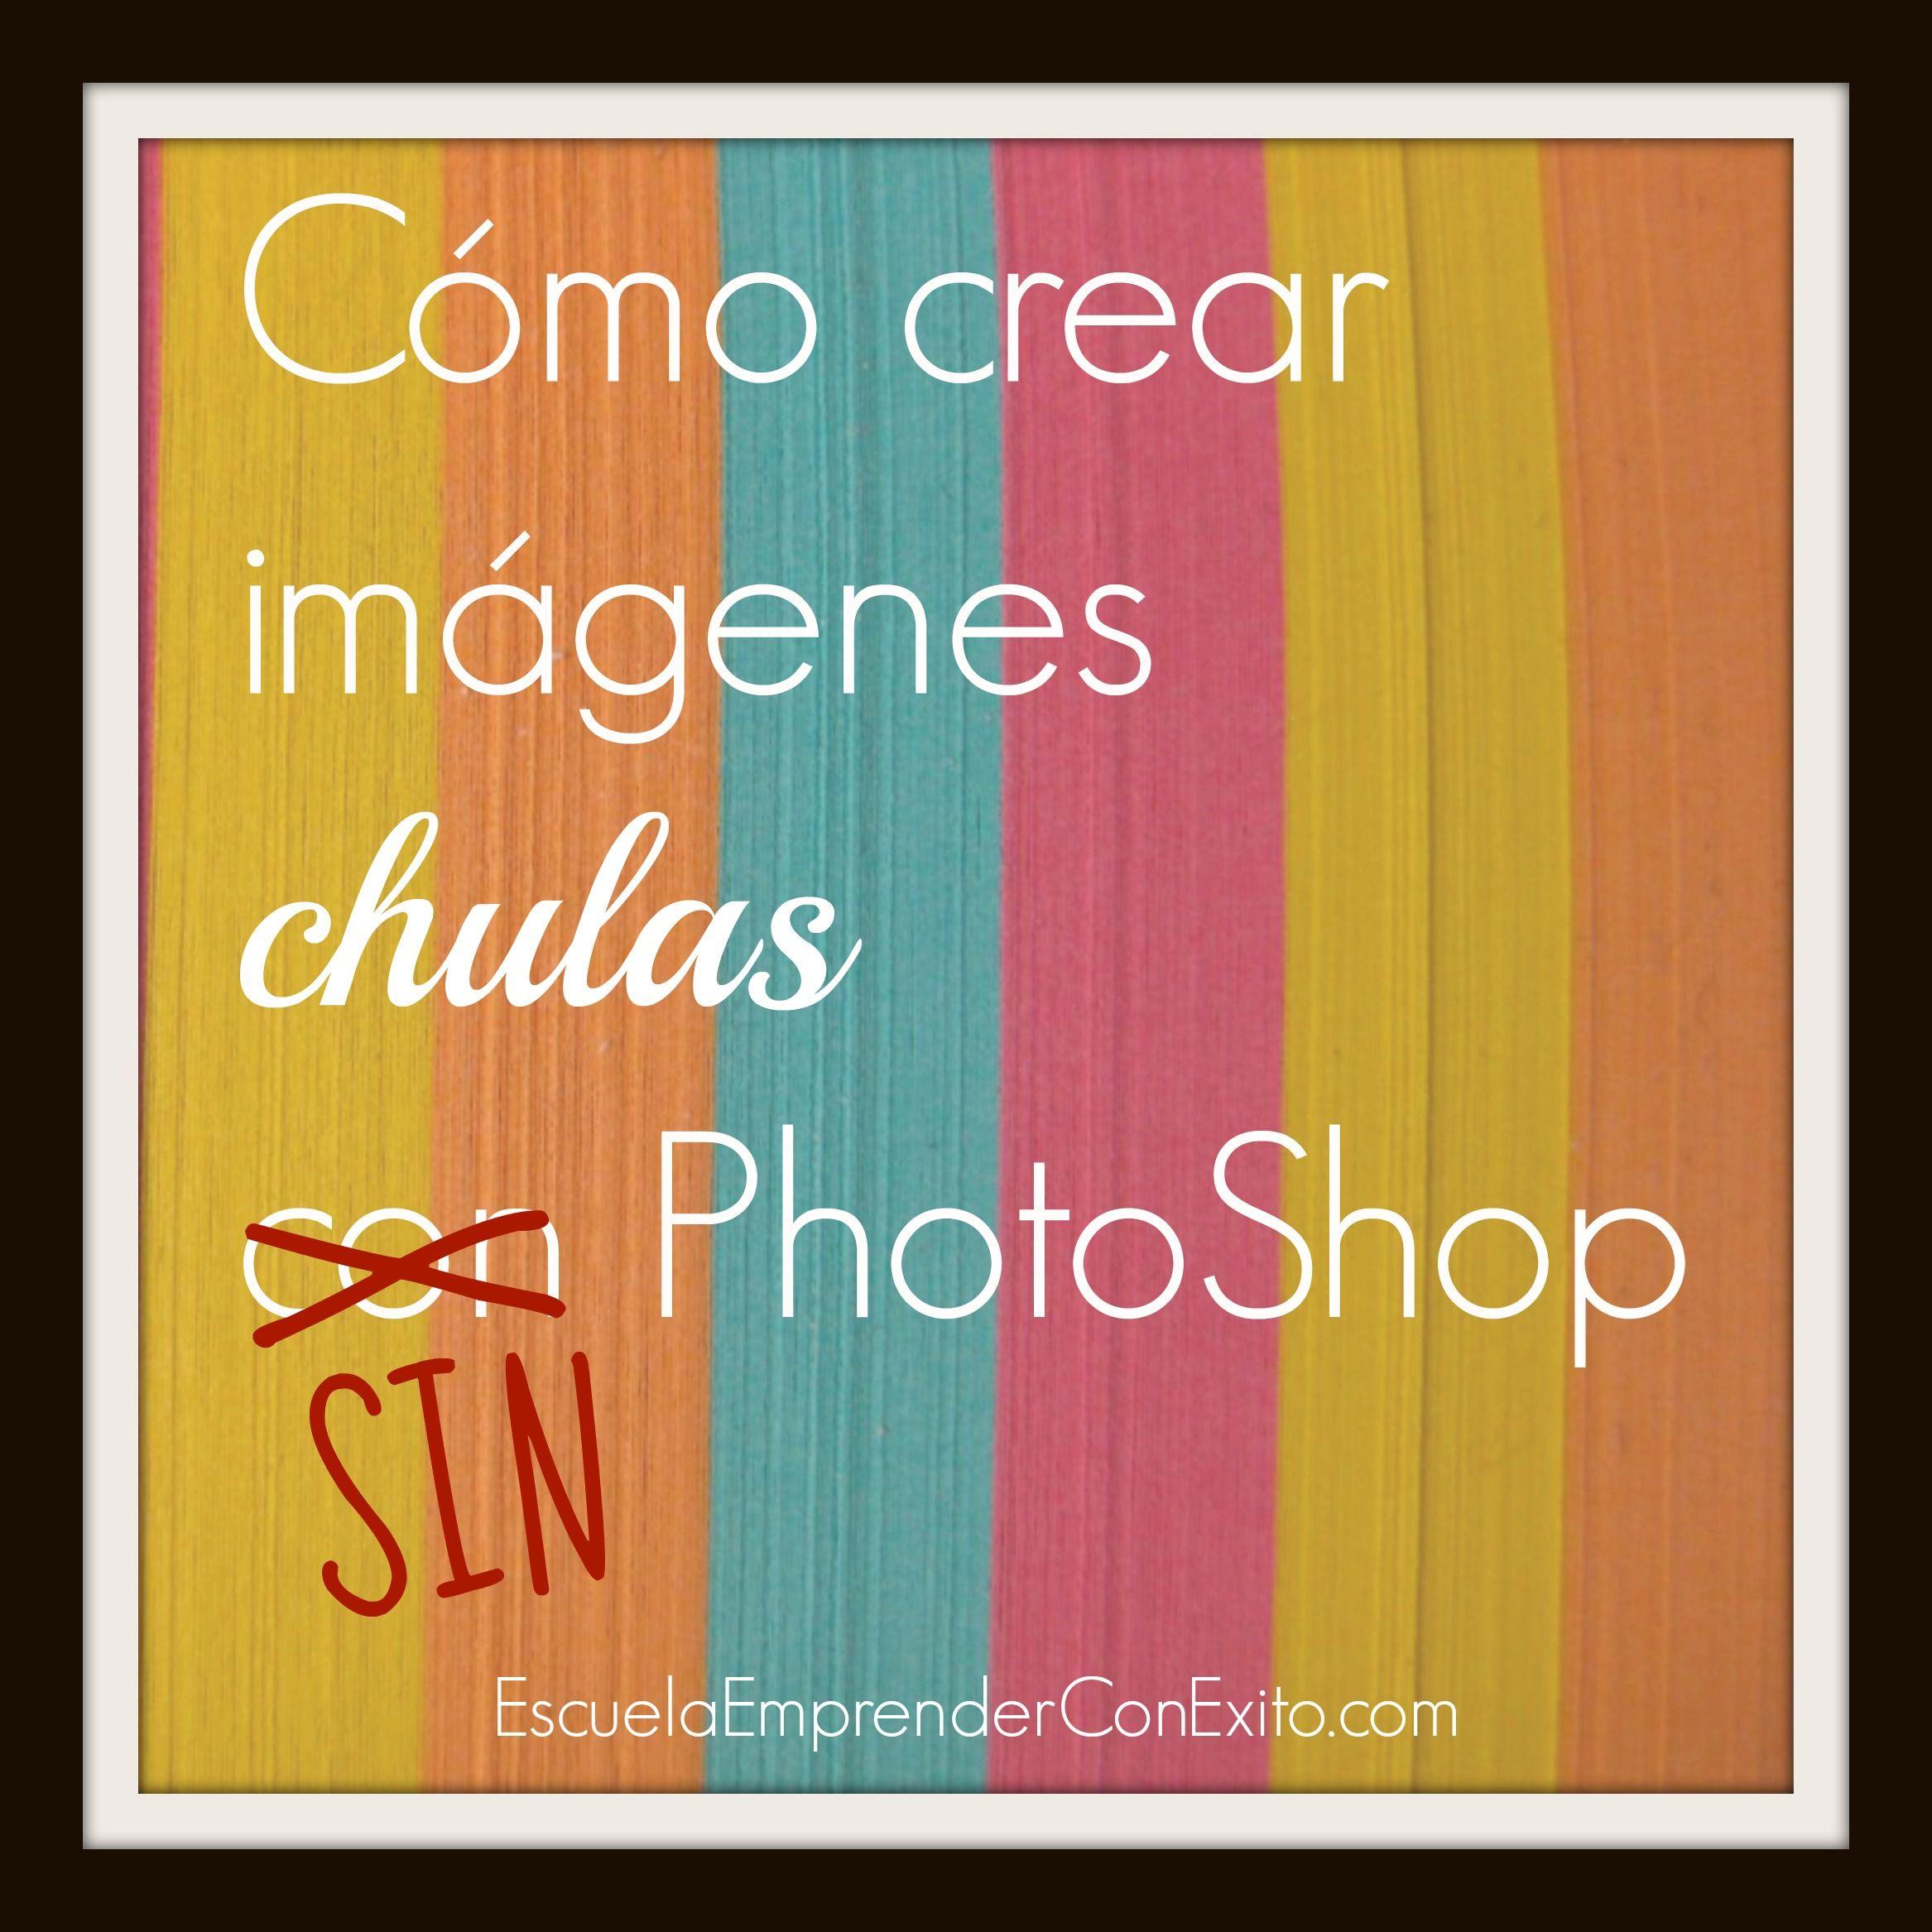 Cómo crear imágenes chulas SIN PhotoShop